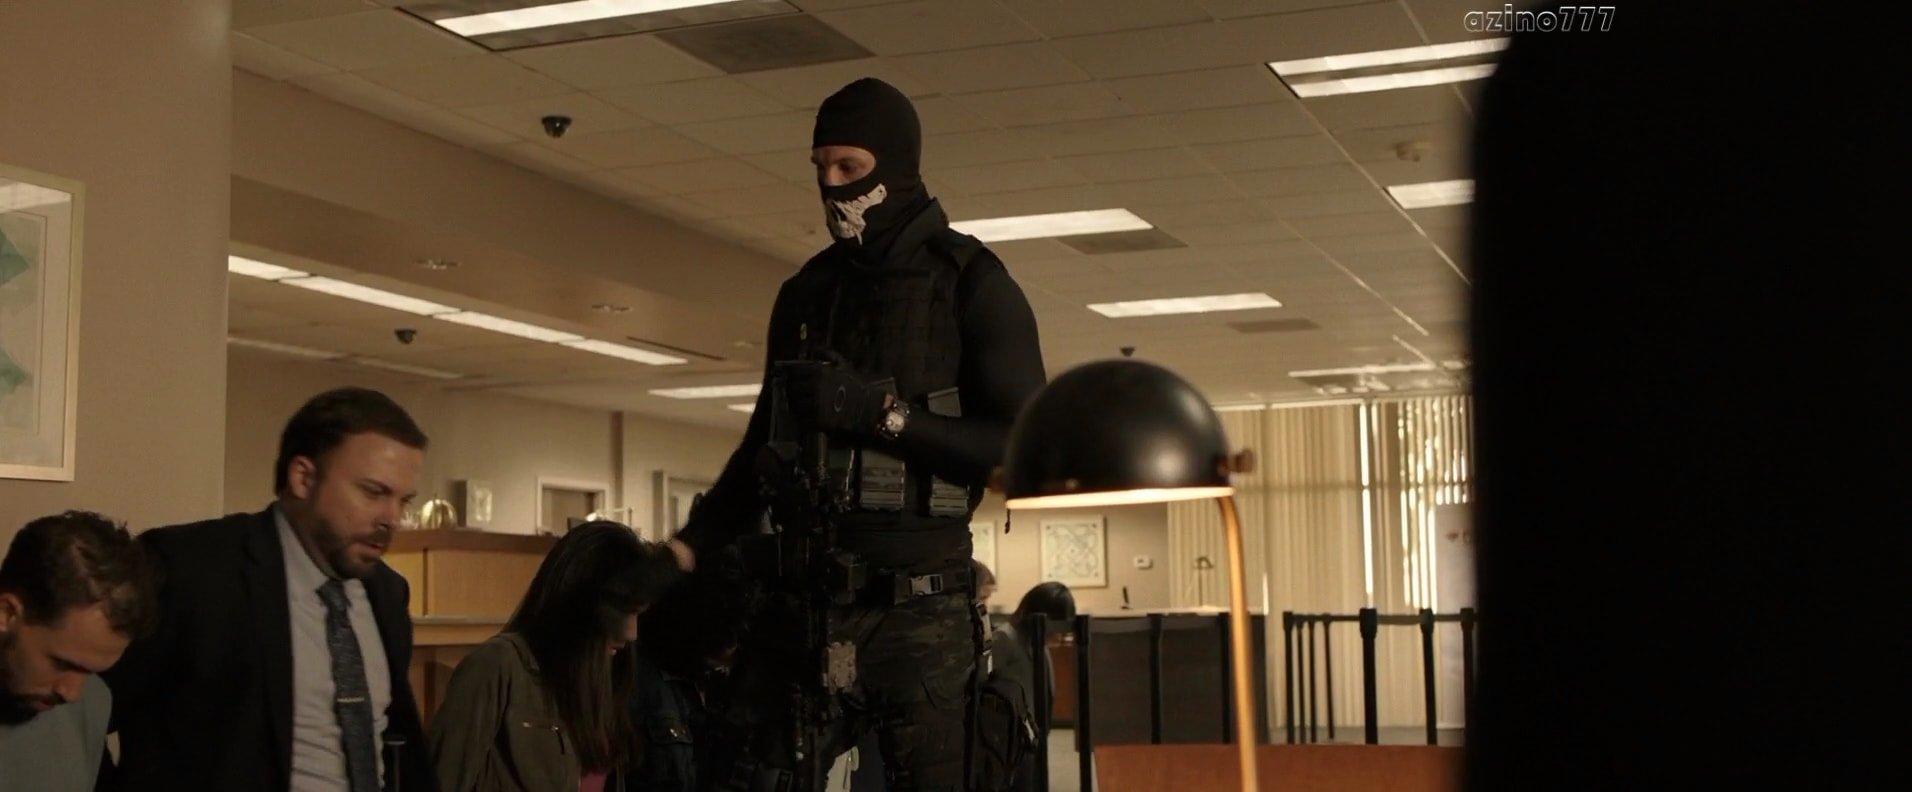 Охота на воров / Den of Thieves (2018) WEB-DLRip   WEB-DL 720p   WEB-DL 1080p